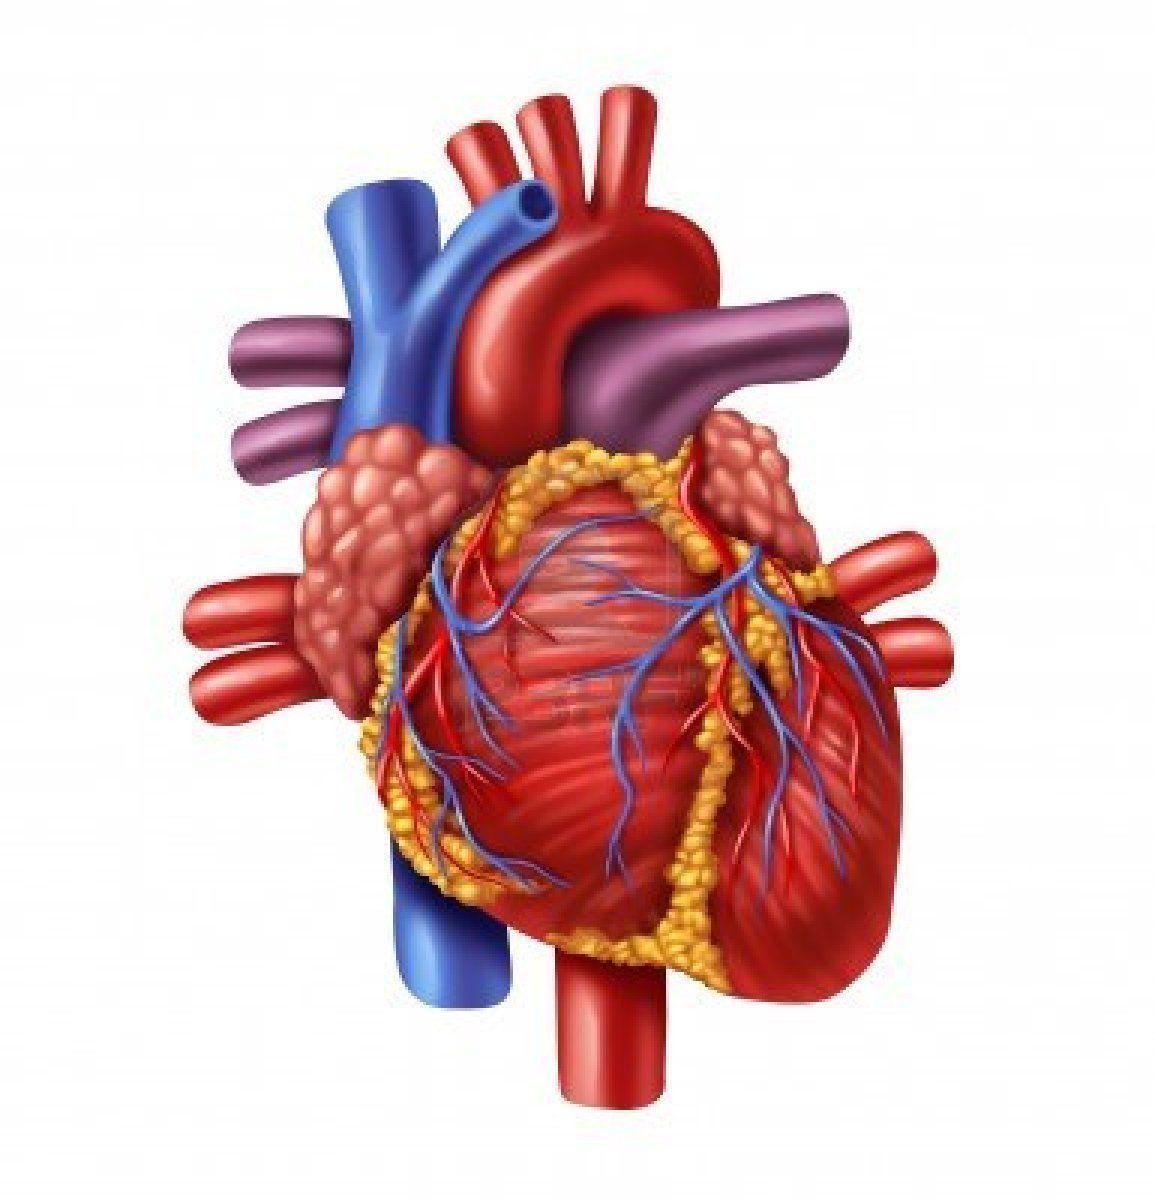 anatomía corazón humano | Tattoo | Pinterest | Seres vivos, El ...